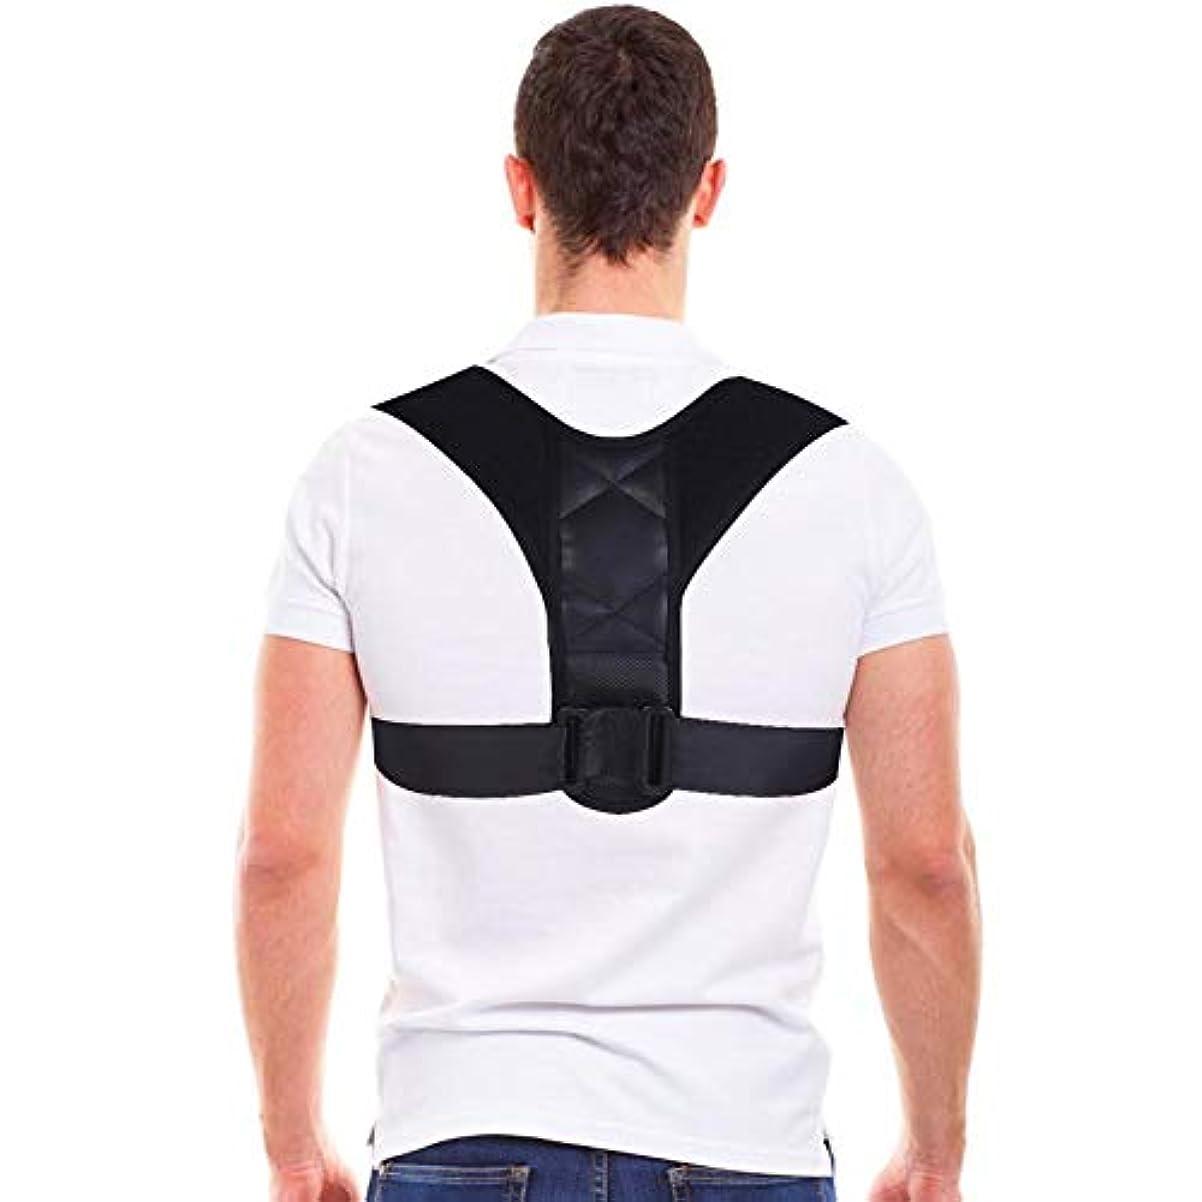 グリップコンサルタント近代化するコレクター姿勢バックサポートベルト、8字型デザインの調節可能な鎖骨装具バンド、男性と女性の姿勢、腰痛予防、腰痛予防